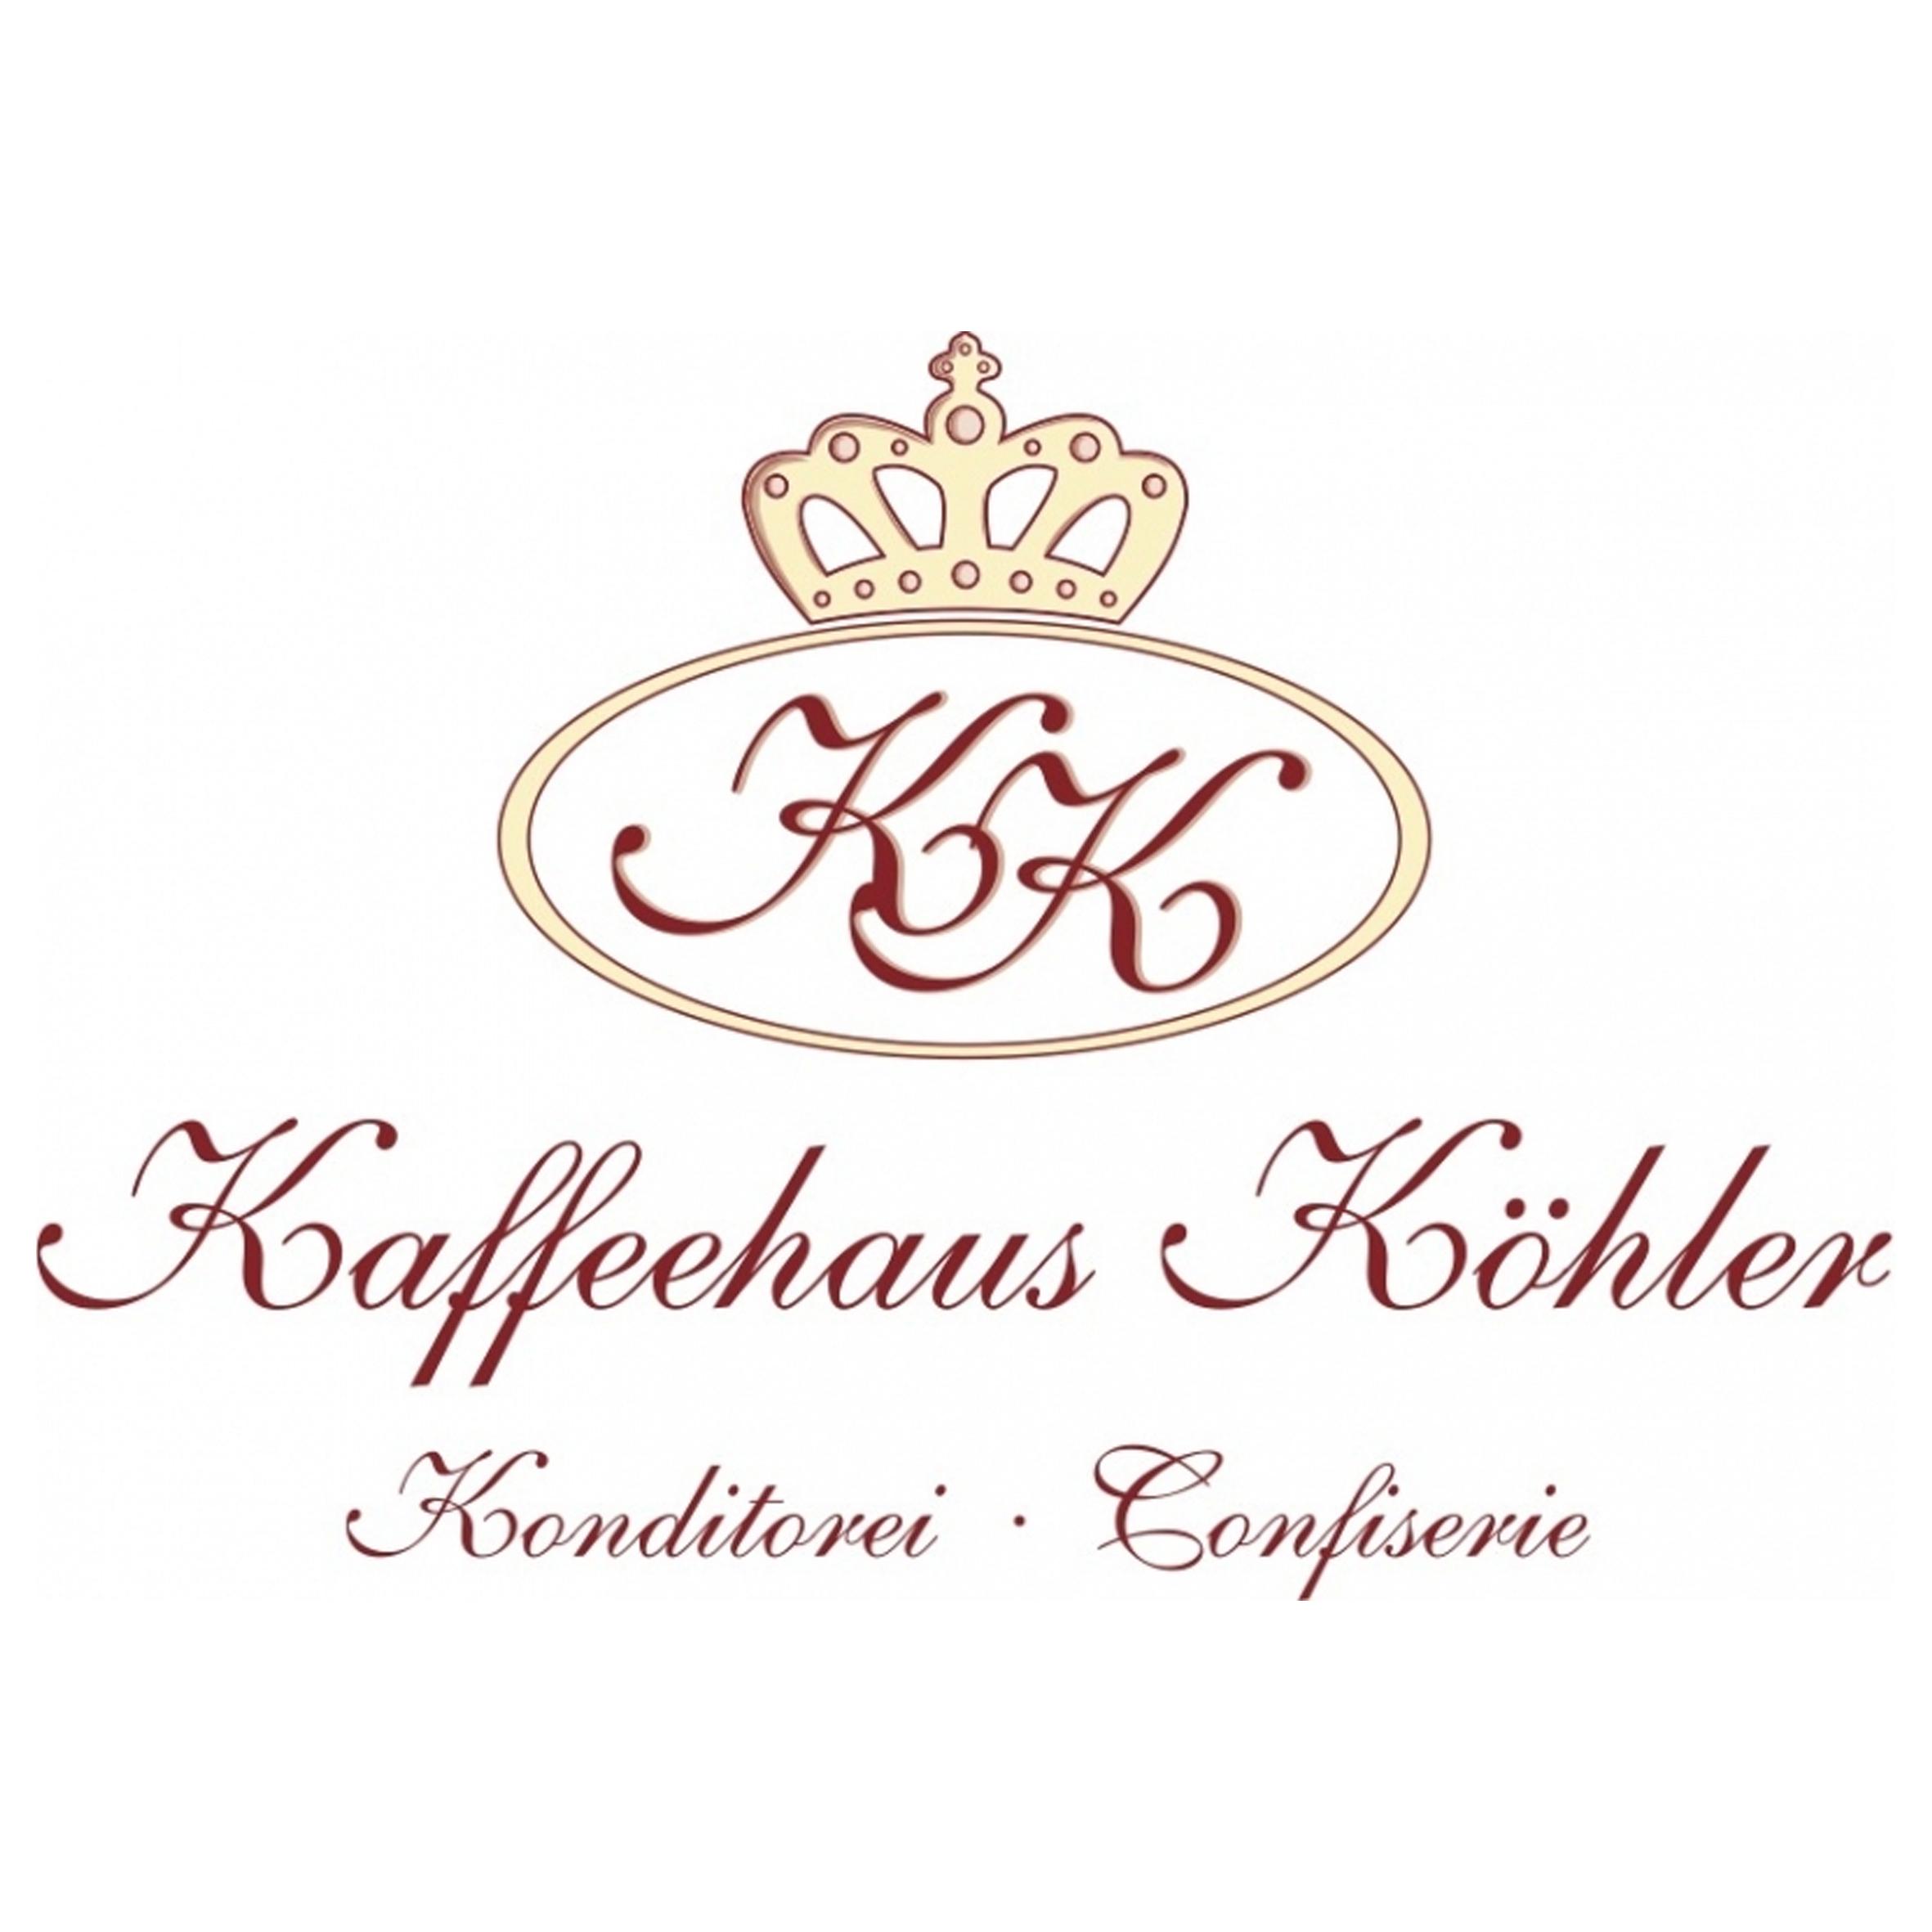 Kaffeehaus Köhler